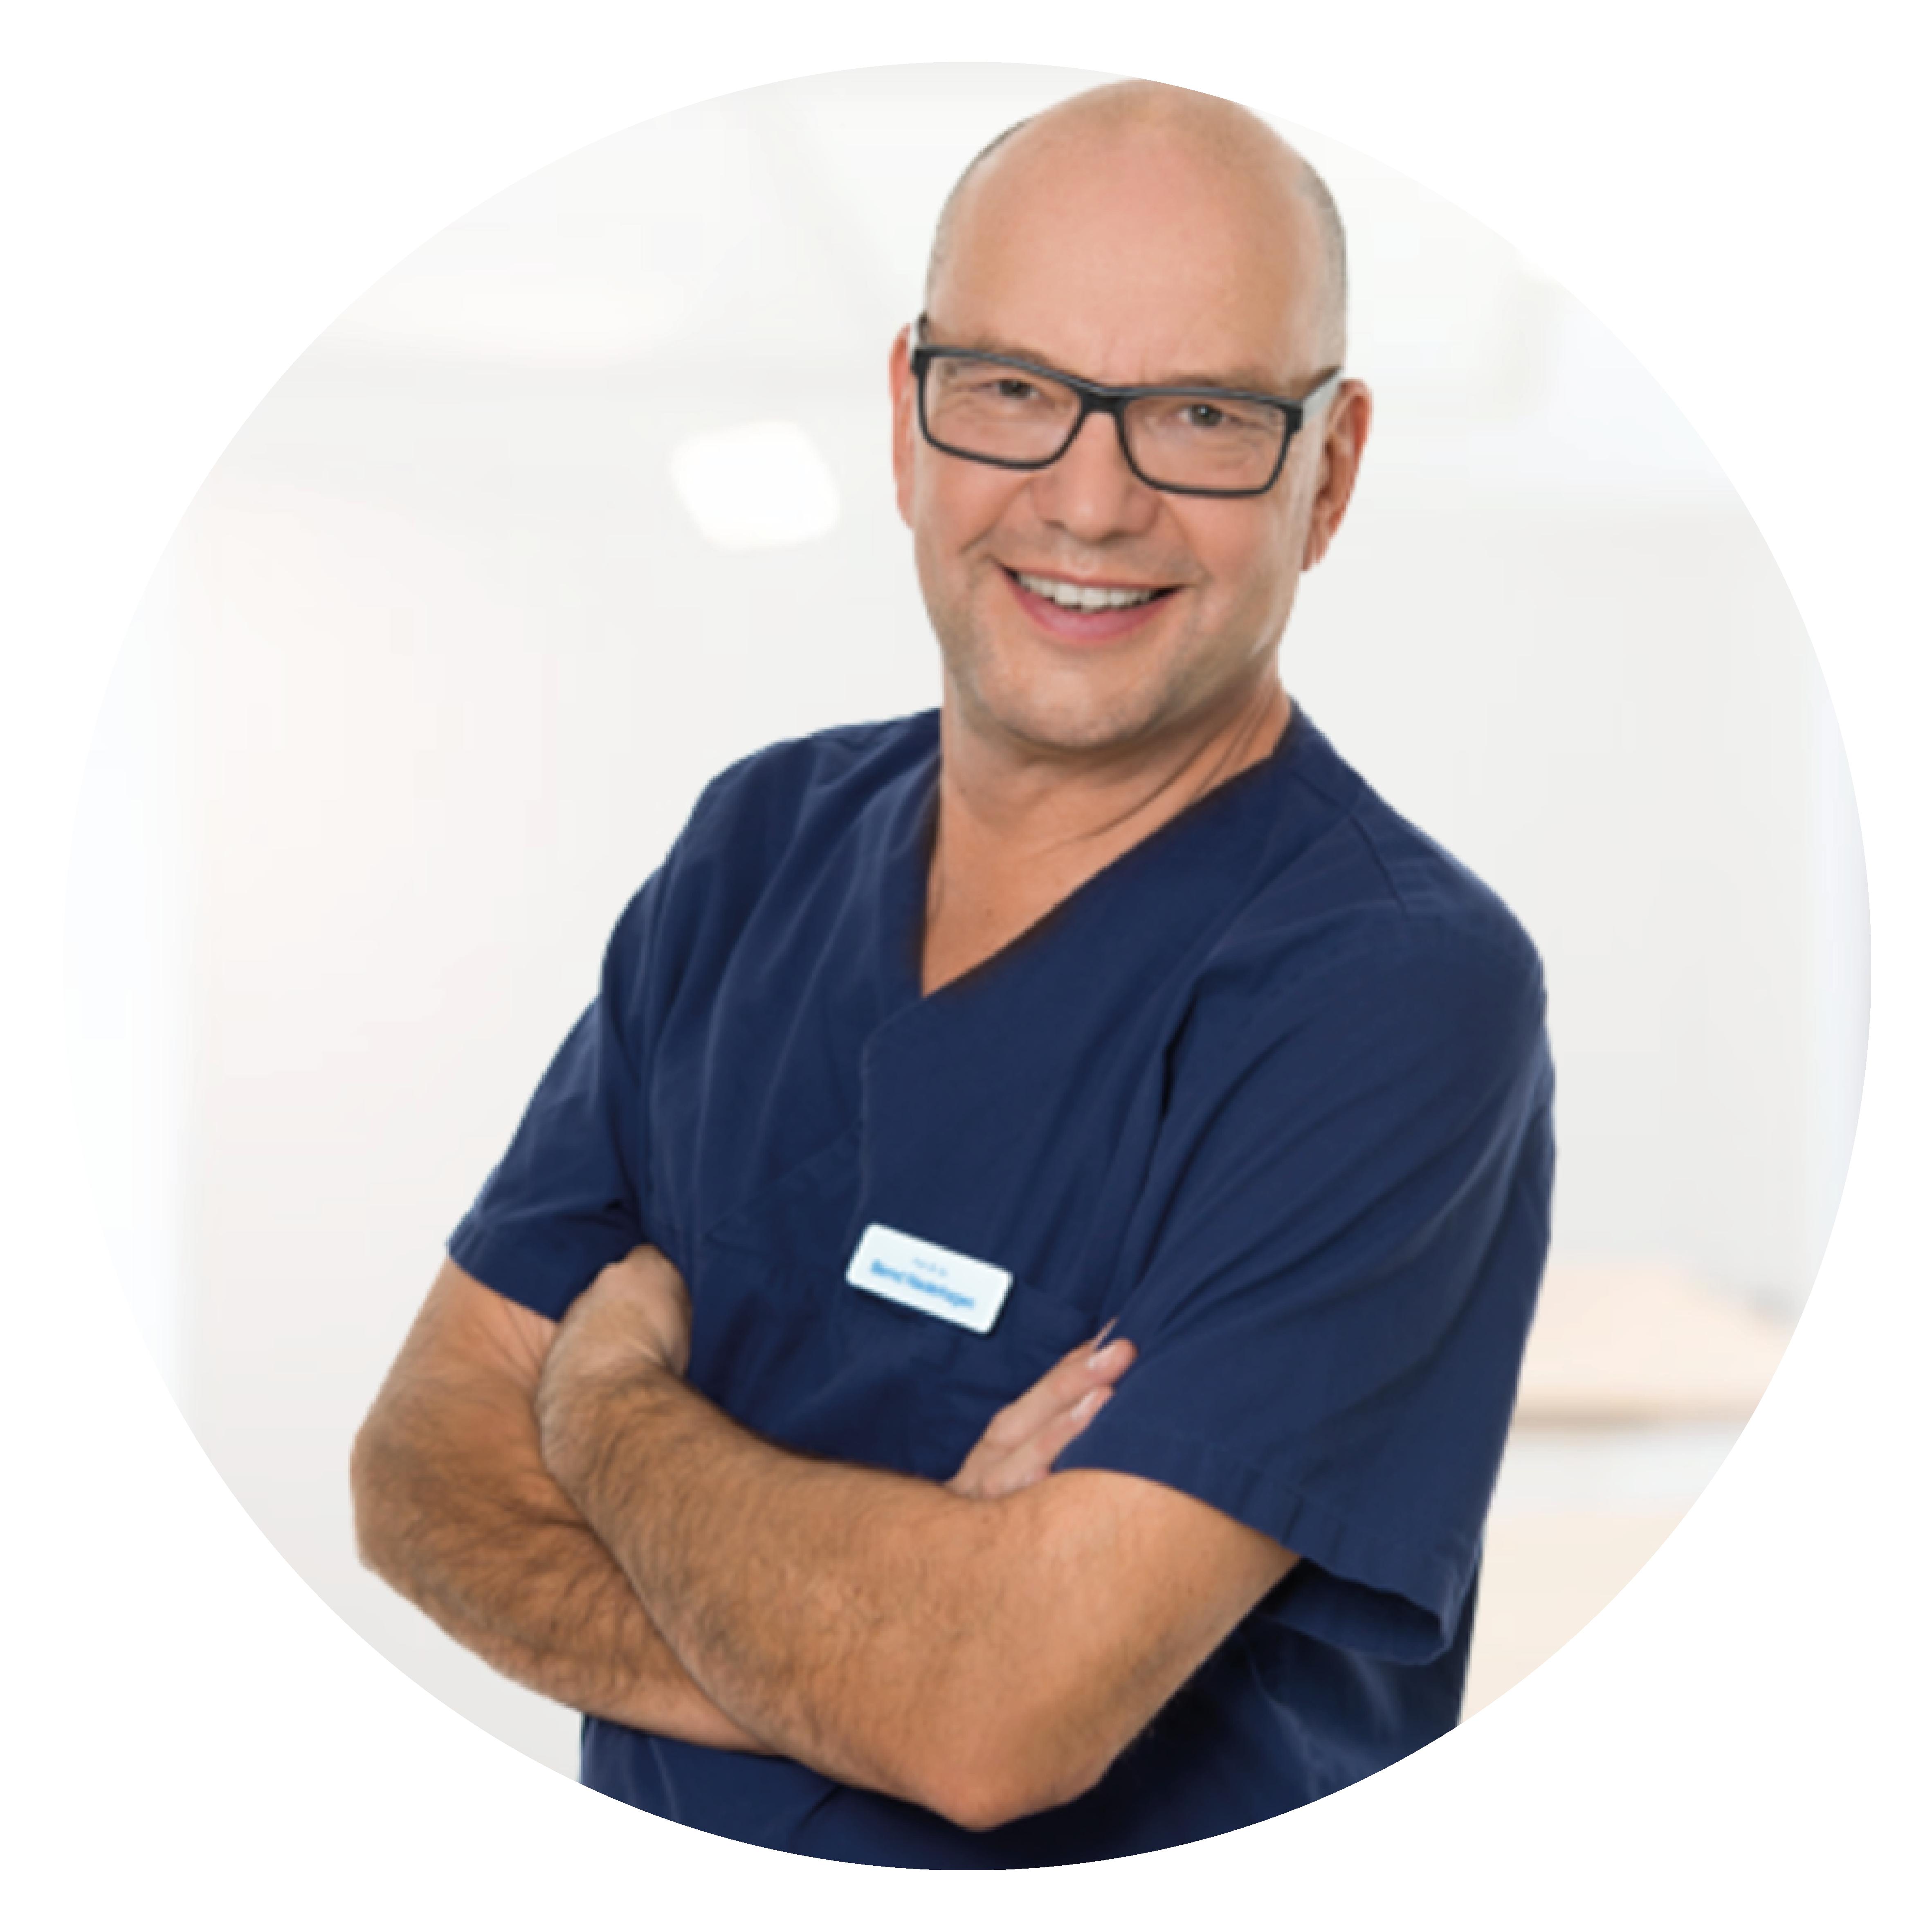 Zahnarztpraxis Dr. Grüttner Schroff Partner Niederhagen 1 Zahnarztpraxis Dr. Grüttner Schroff